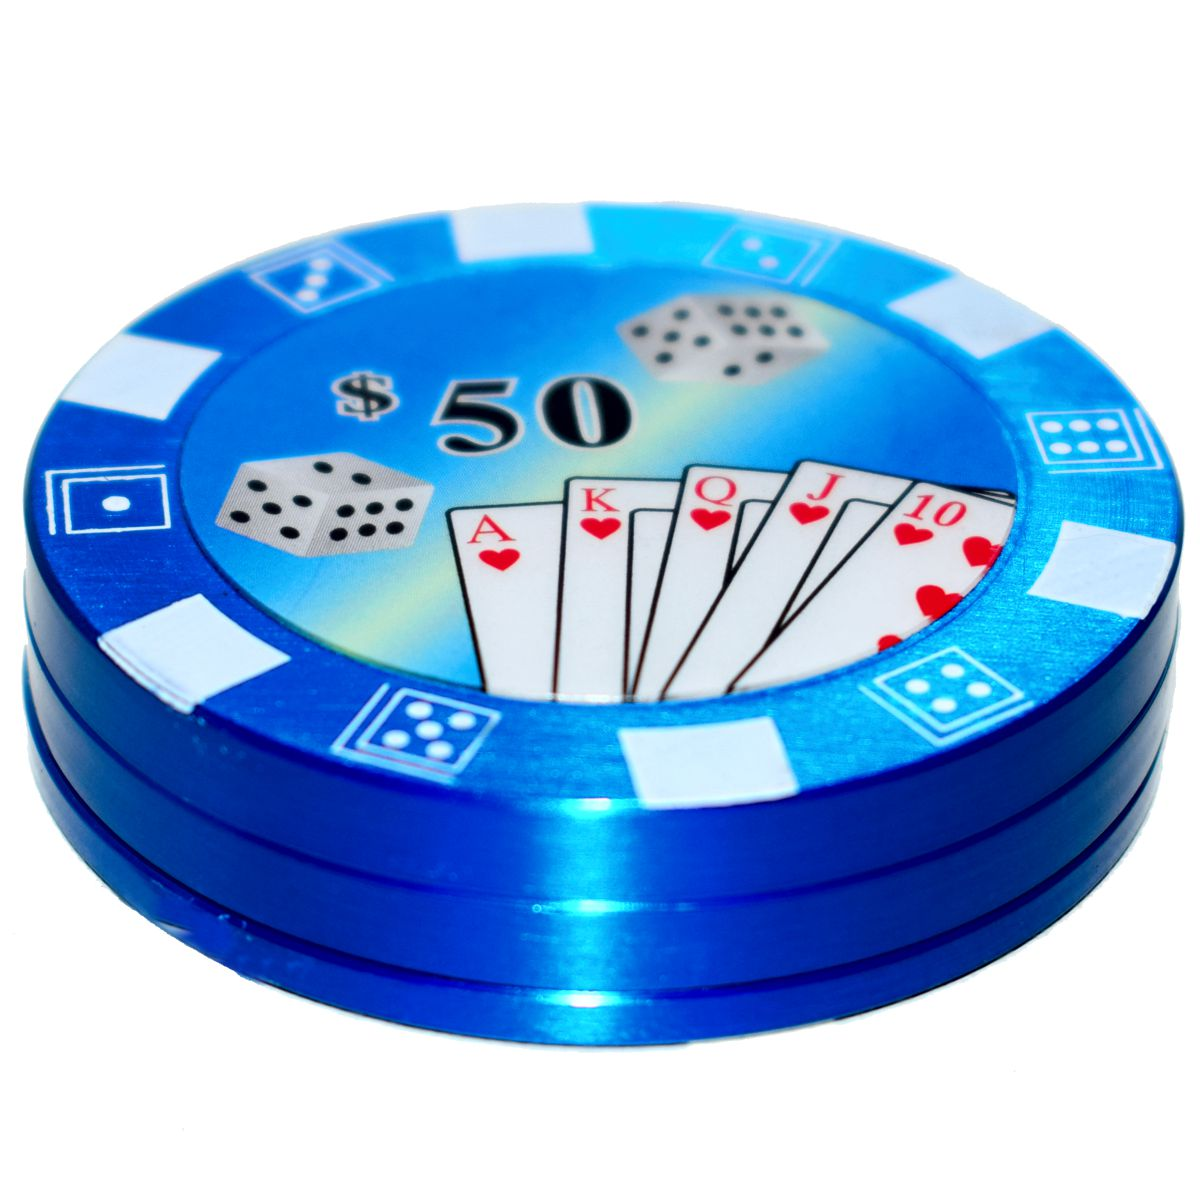 picador poker tabaqueria venta online